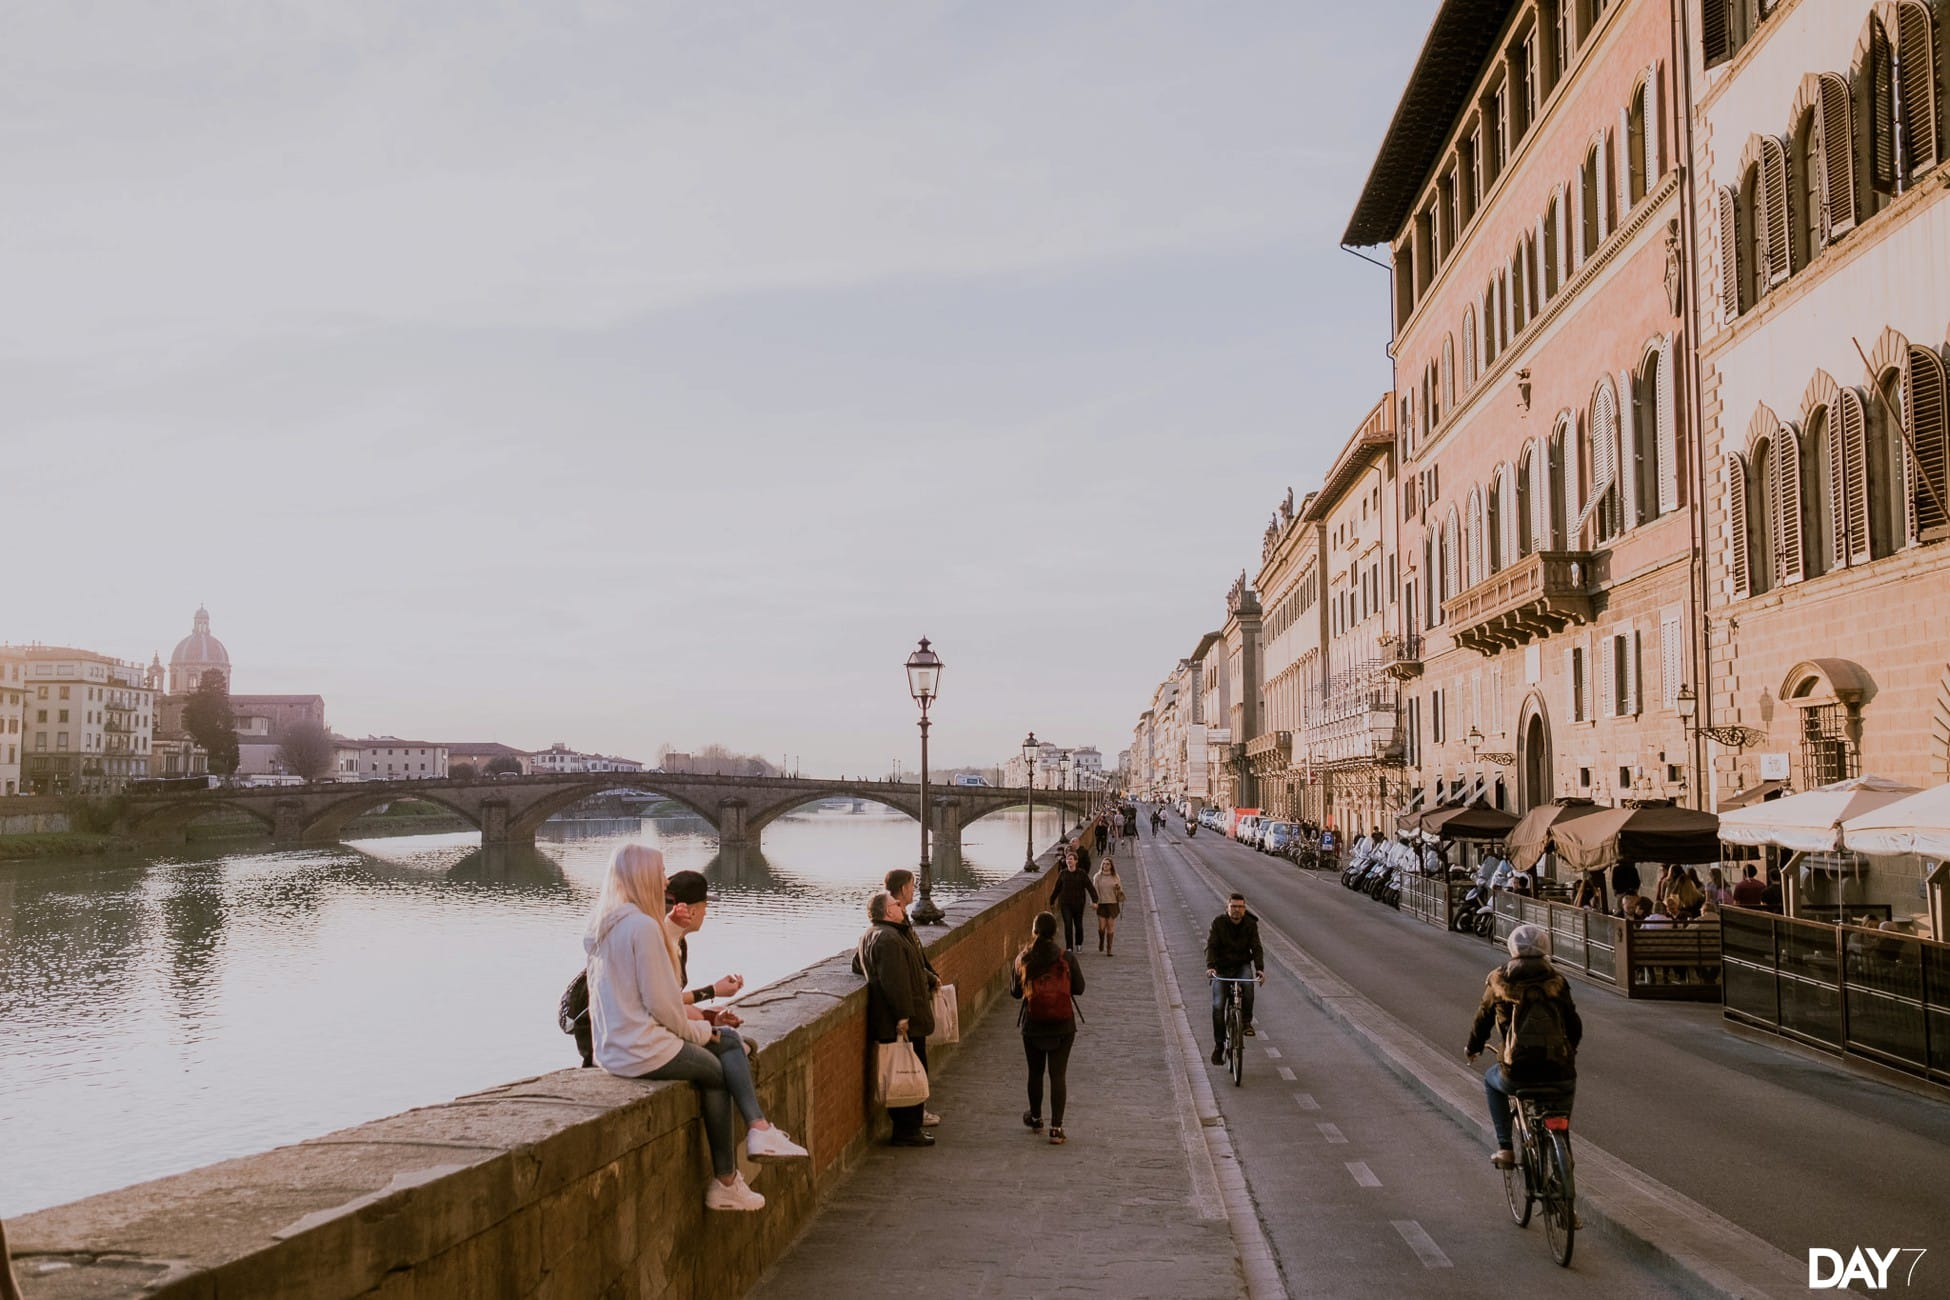 Italy Vacation Photos